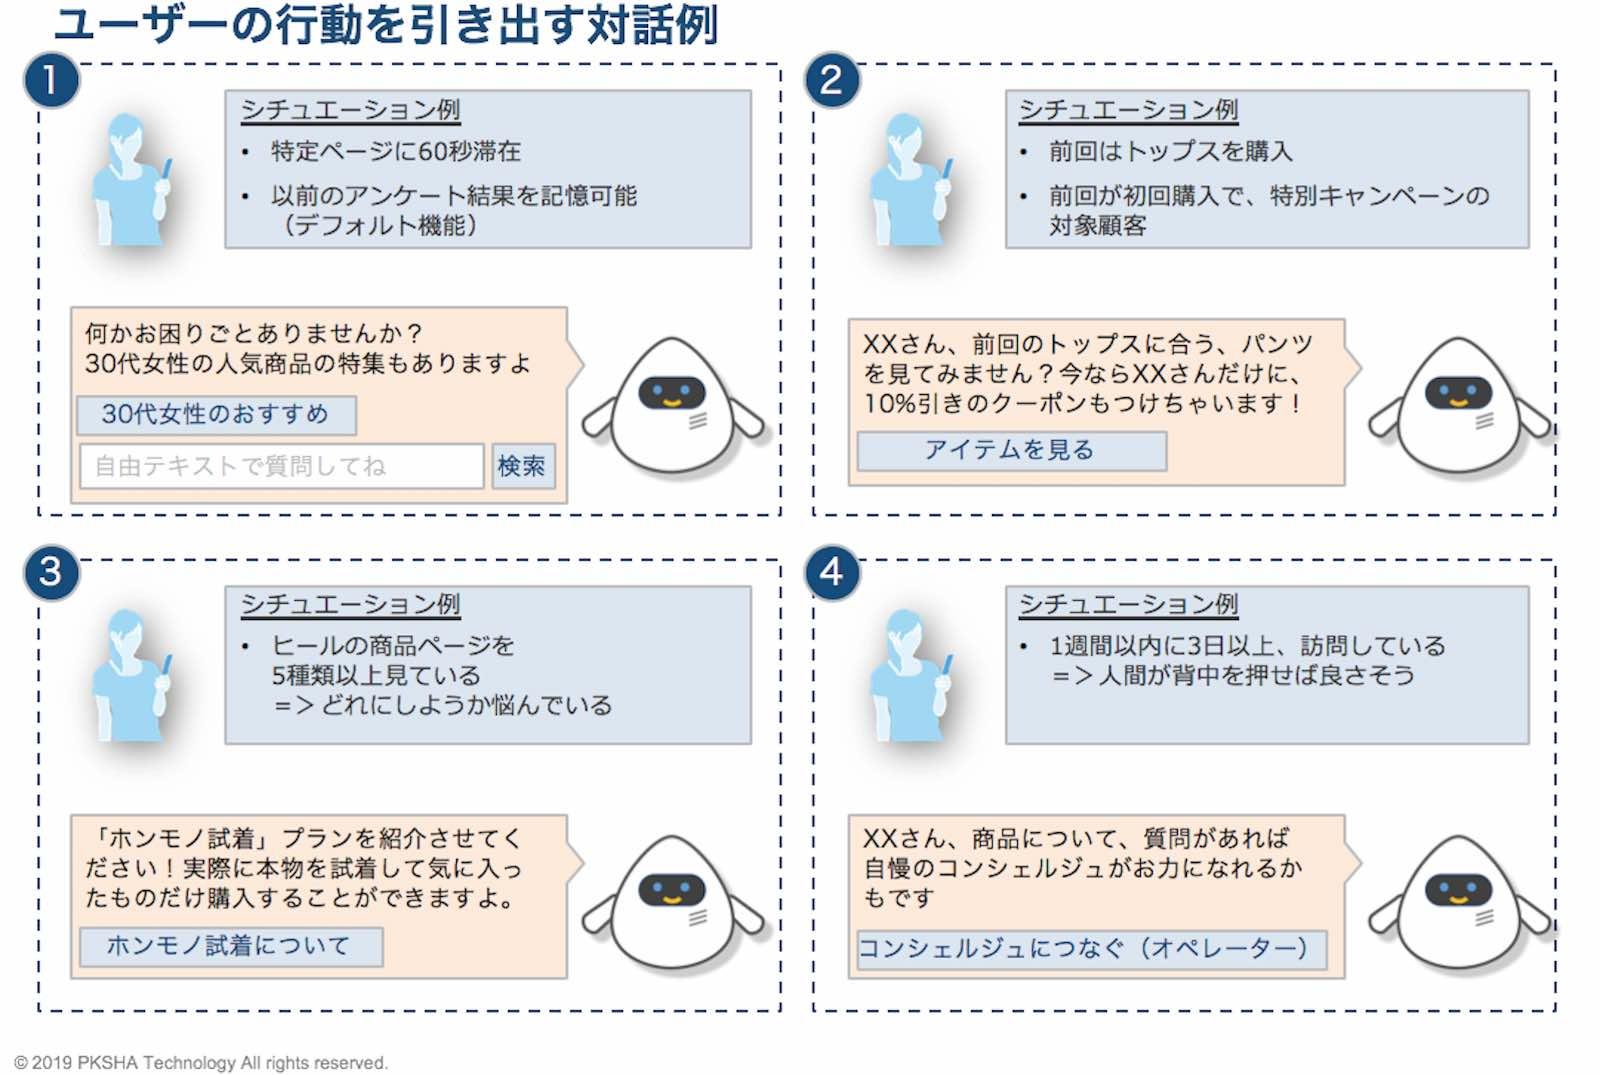 資料:ユーザーの行動を引き出す対話例(4つ)